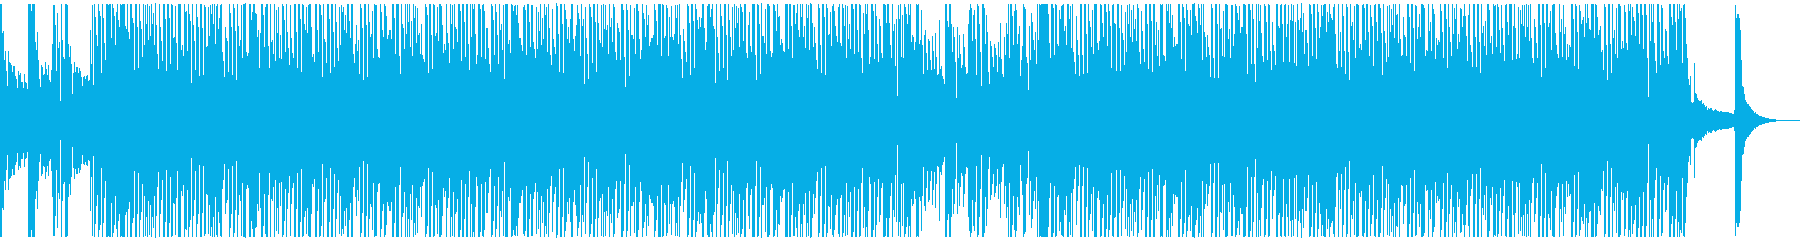 パズルゲーム風コミカルなサウンドの再生済みの波形